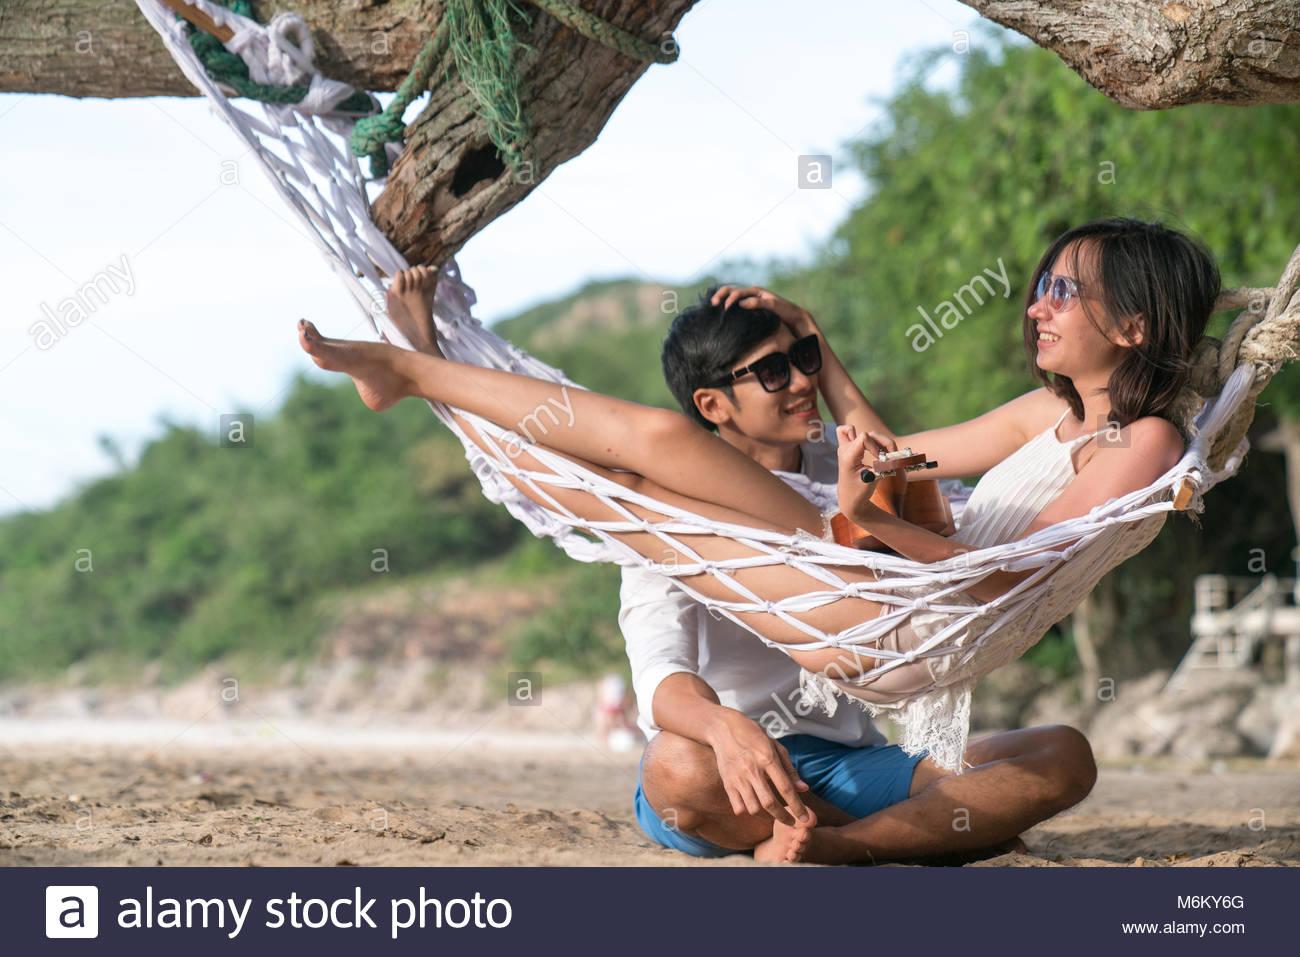 Amante de la pareja disfrutar de luna de miel y largas vacaciones en la playa, en el columpio siiting juntos relajarse Imagen De Stock